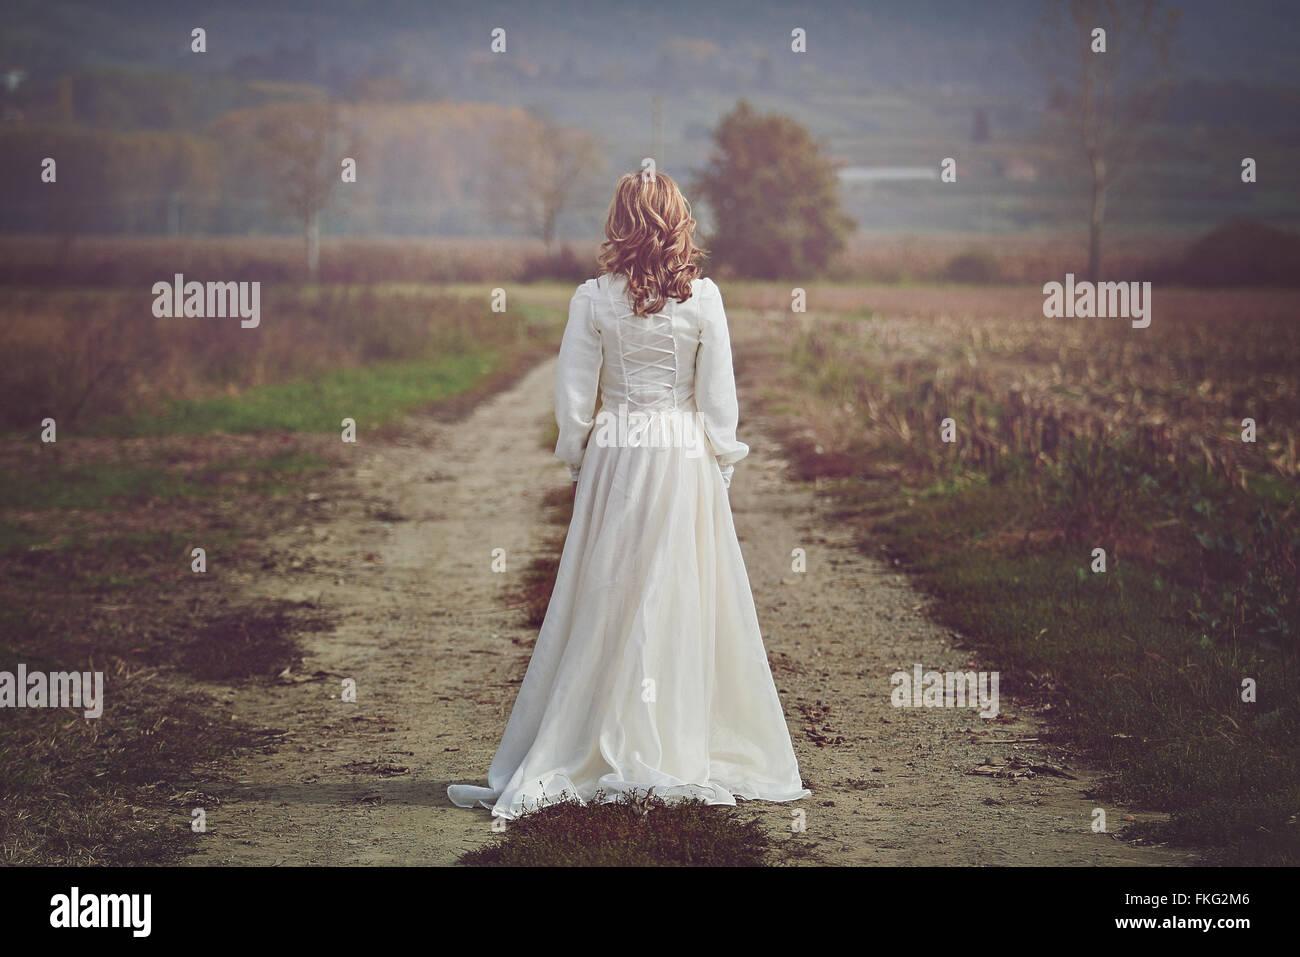 Mariée avec belle robe des champs dans le pays. Pureté et d'innocence Photo Stock